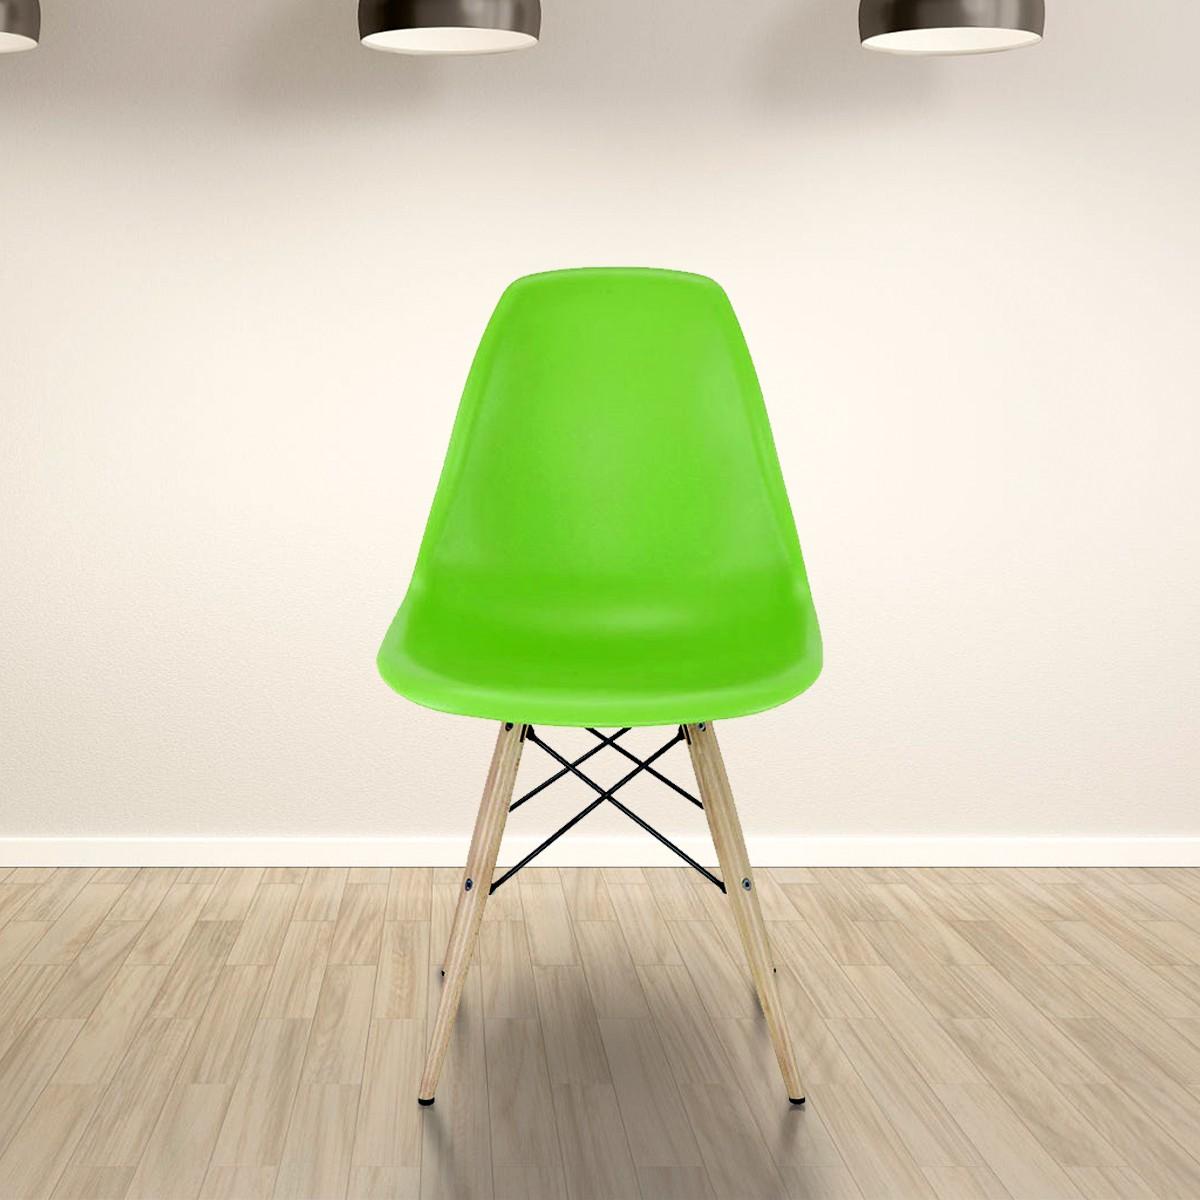 Chaise en plastique moulé verte avec pieds en bois (T811E006-GN)